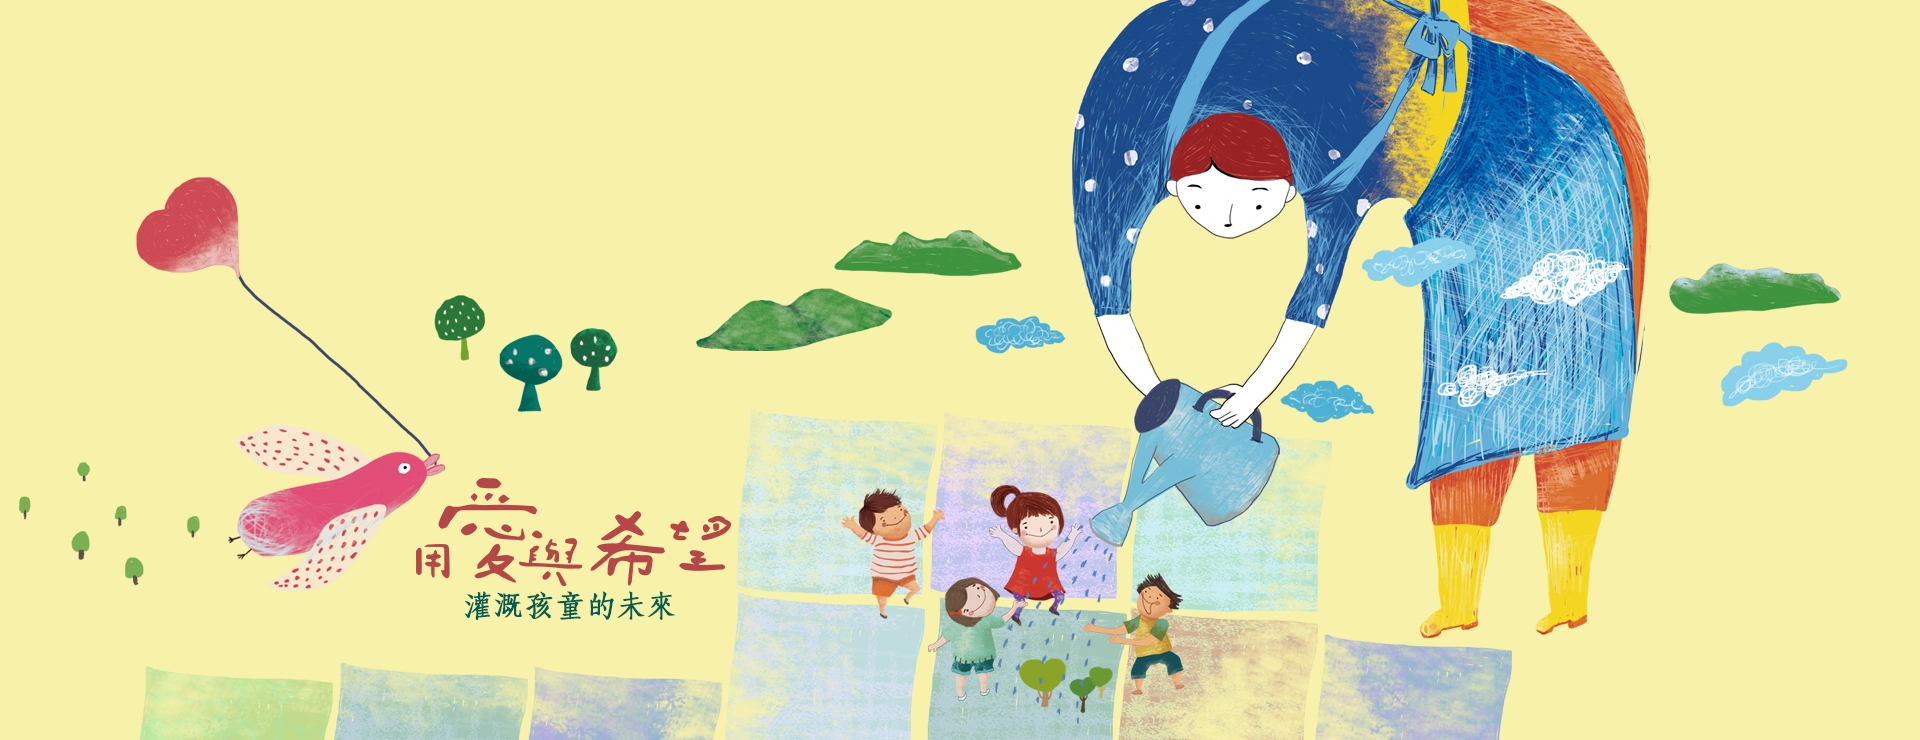 用愛與希望灌溉孩童的未來